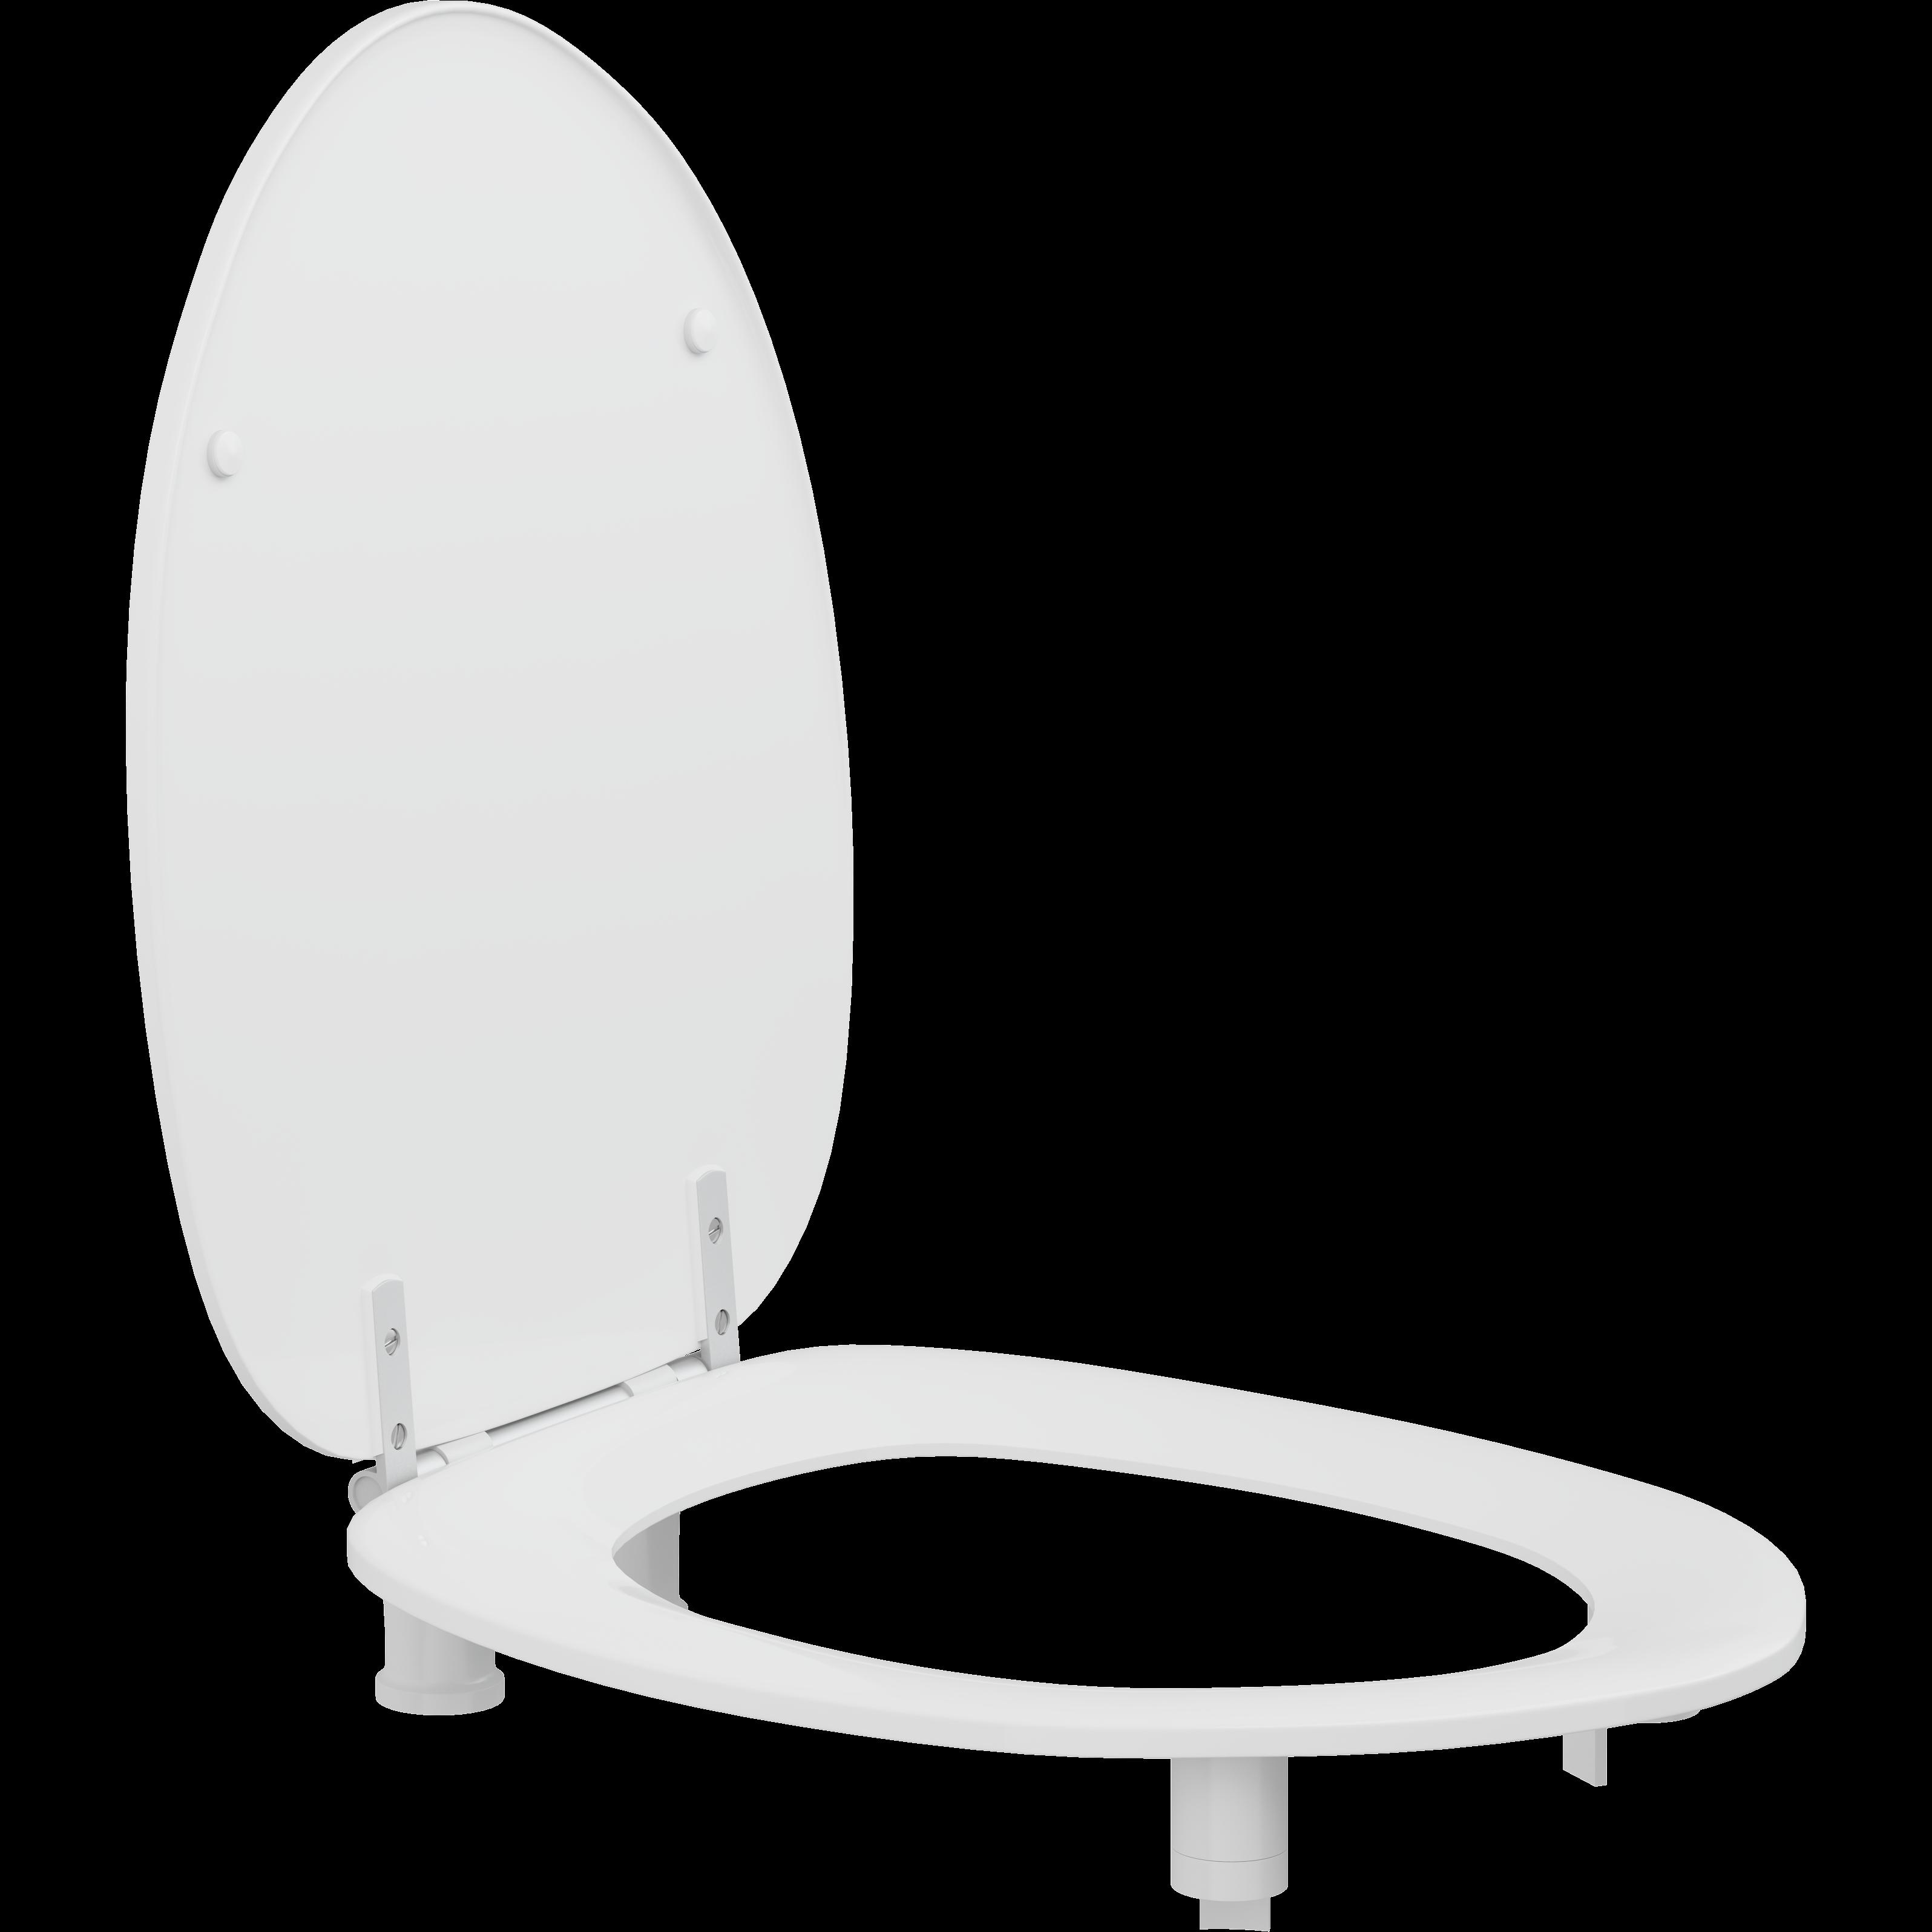 Toiletzitting Dania met deksel, 50 mm verhoogd